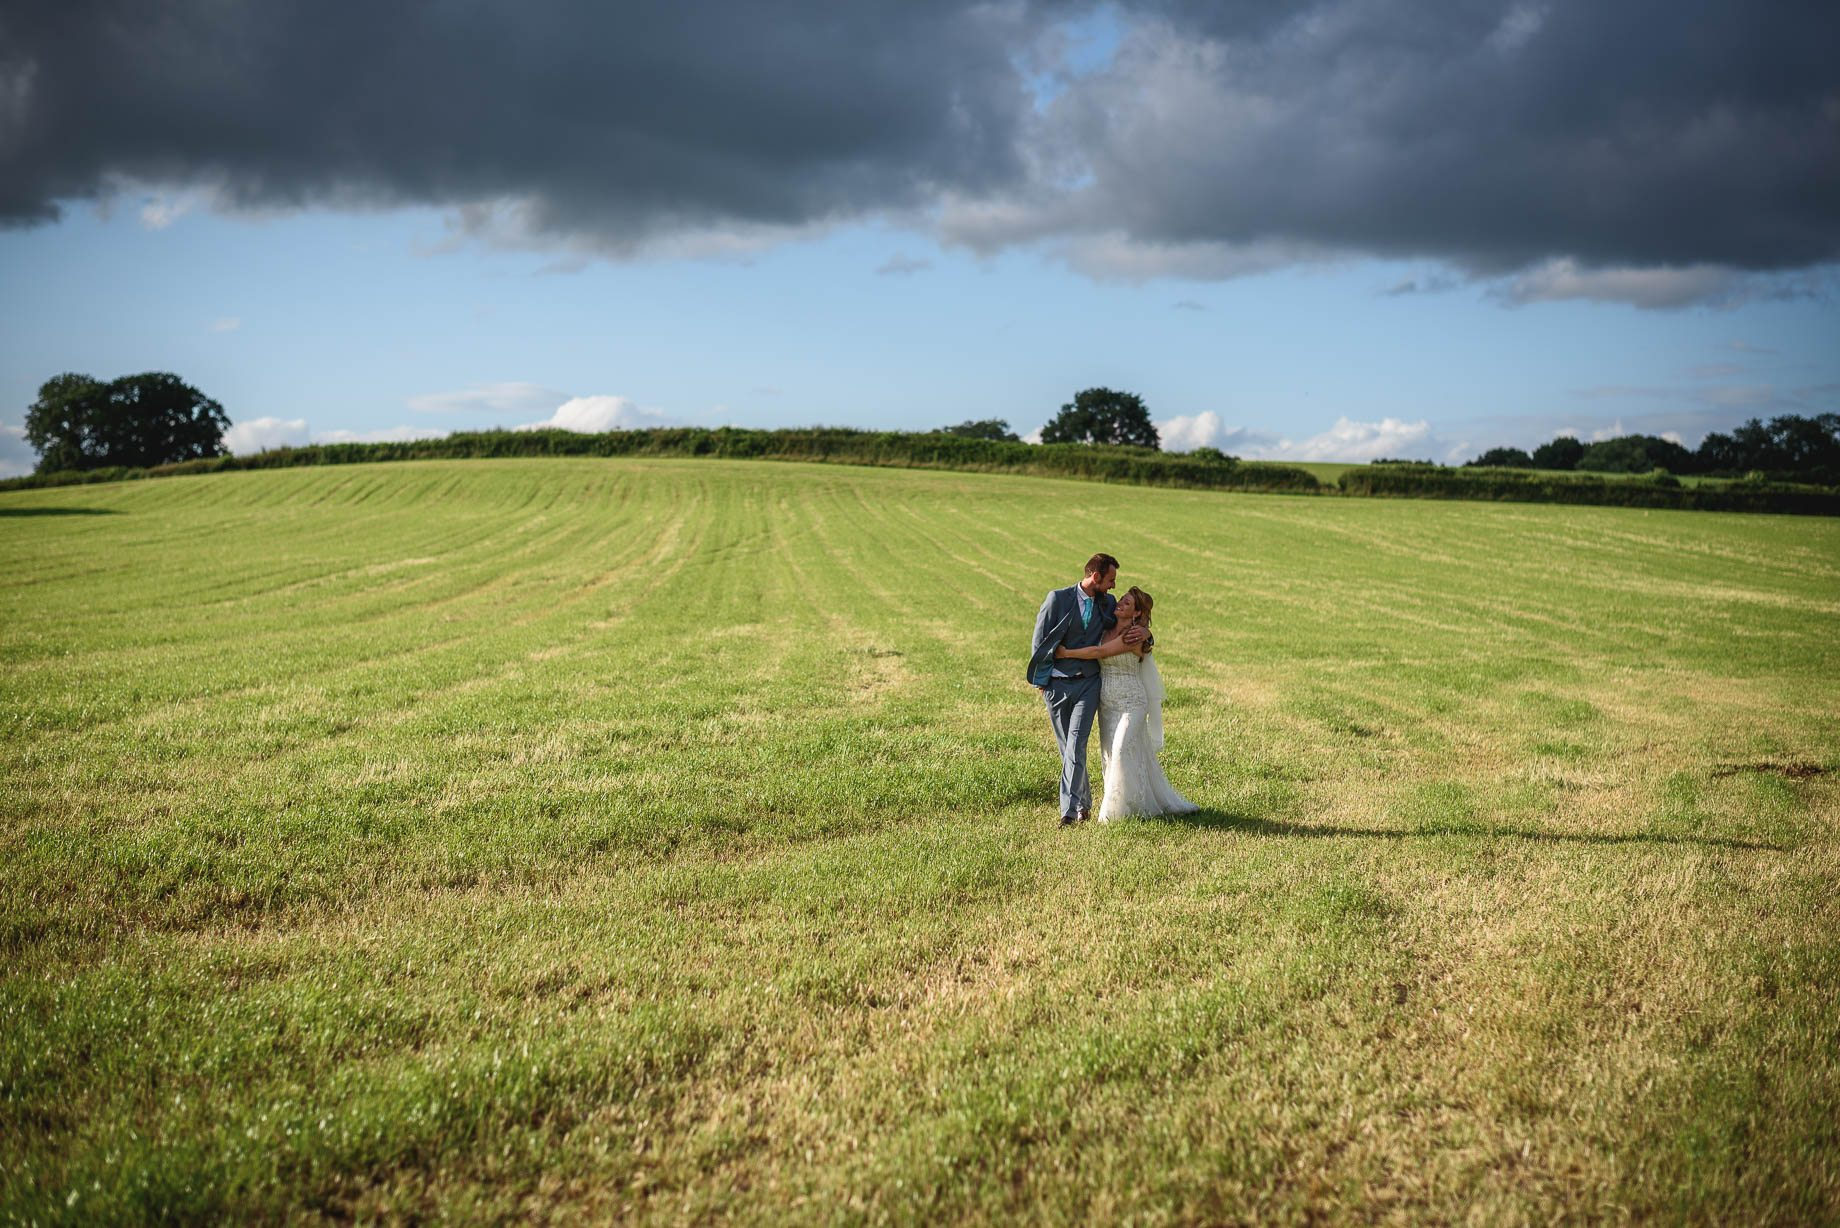 Bartholomew Barns wedding photography - Louise and Spencer (125 of 151)